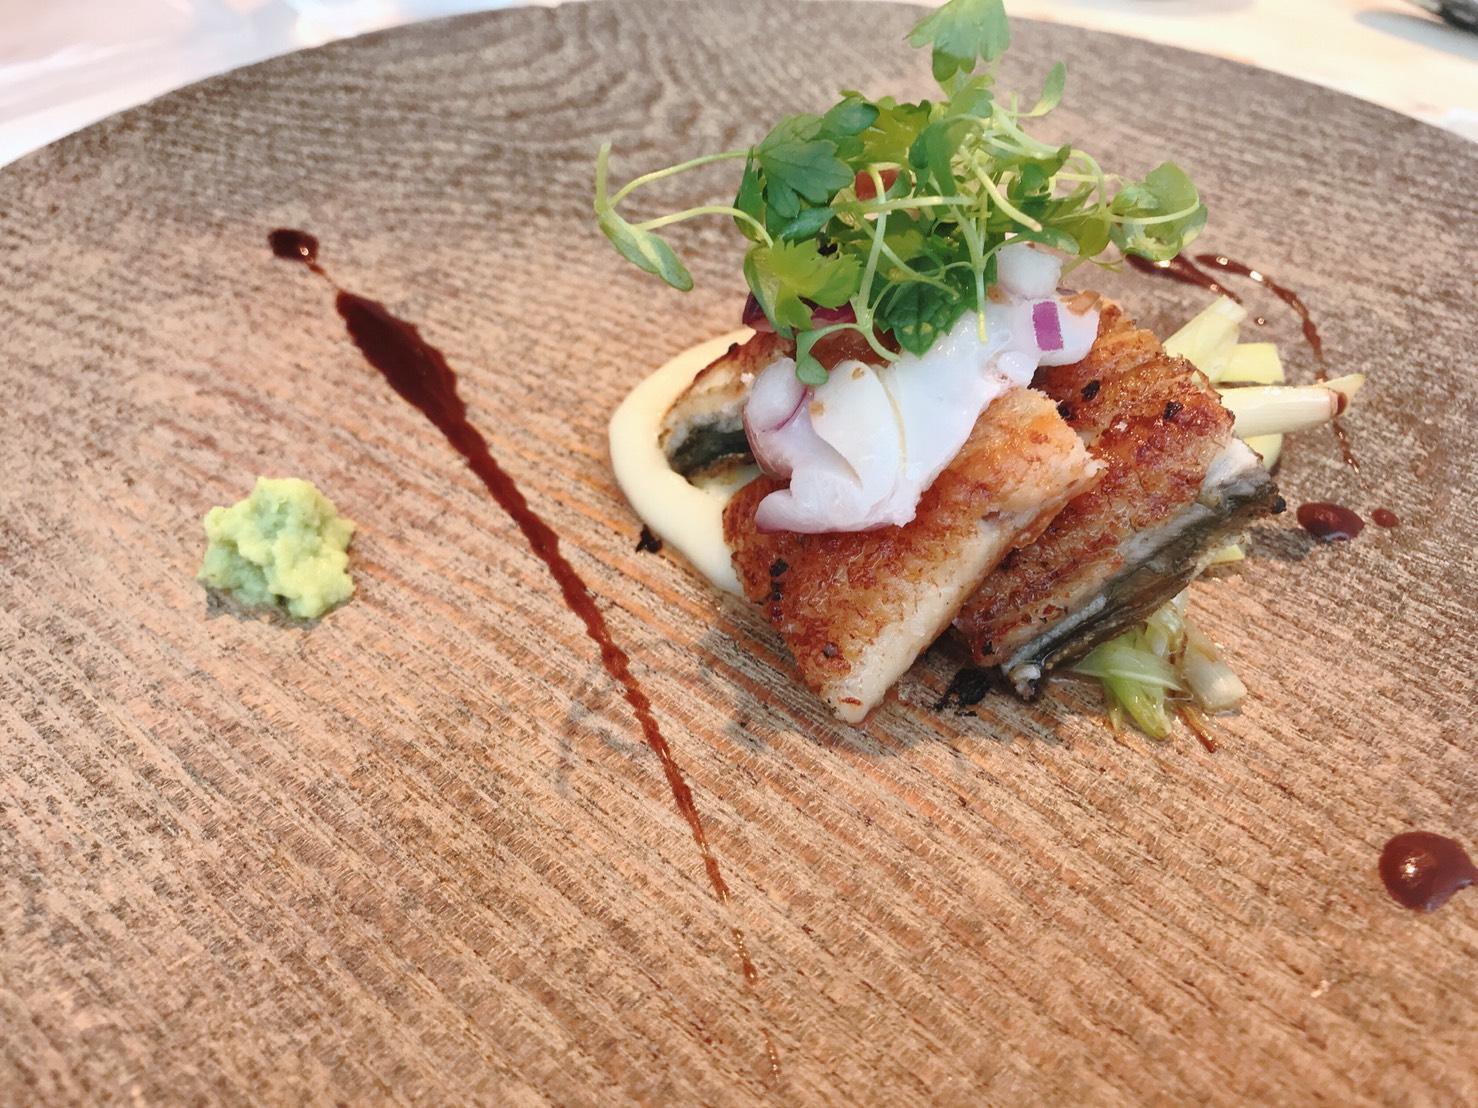 栄|独創性の光る料理とおもてなし。世界が認める二つ星のフレンチレストラン